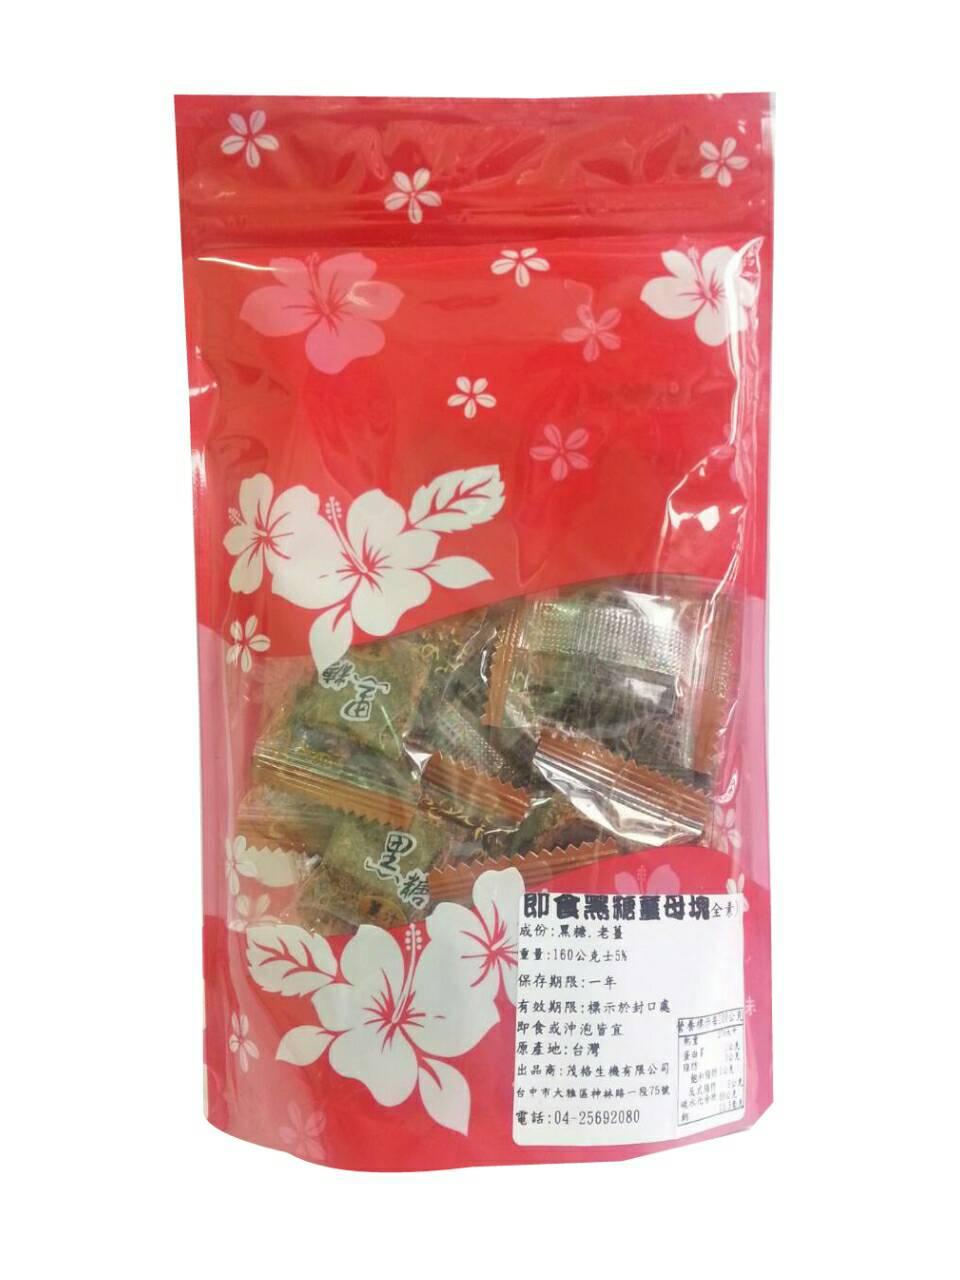 【清新自在樂活生機館】純手工即食黑糖薑母/包-160g----特價99元(免運費)